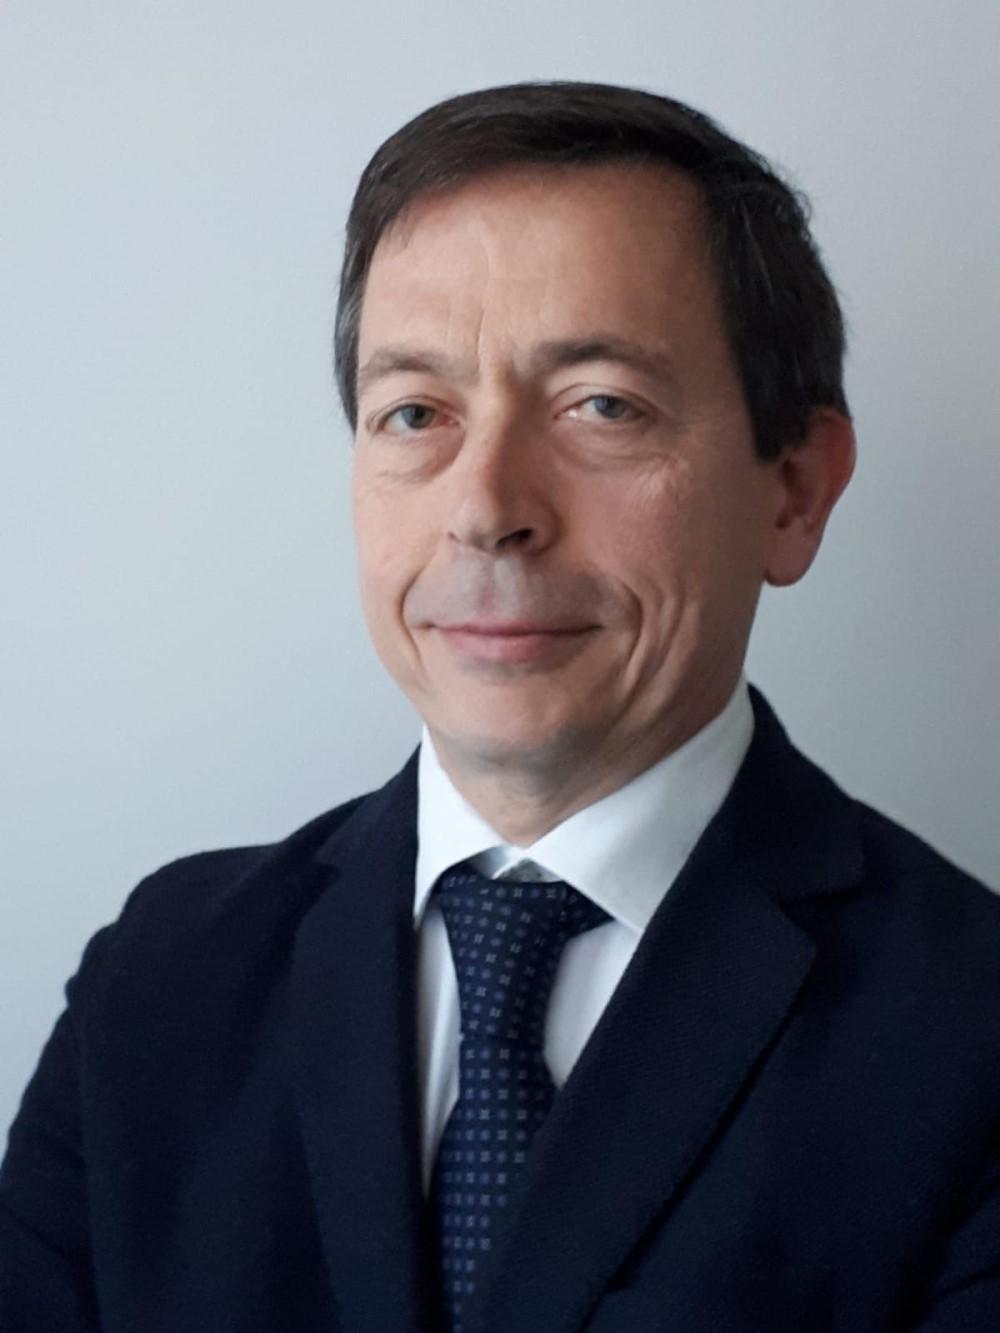 Apicoltura Casentinese: Milani nuovo direttore vendite